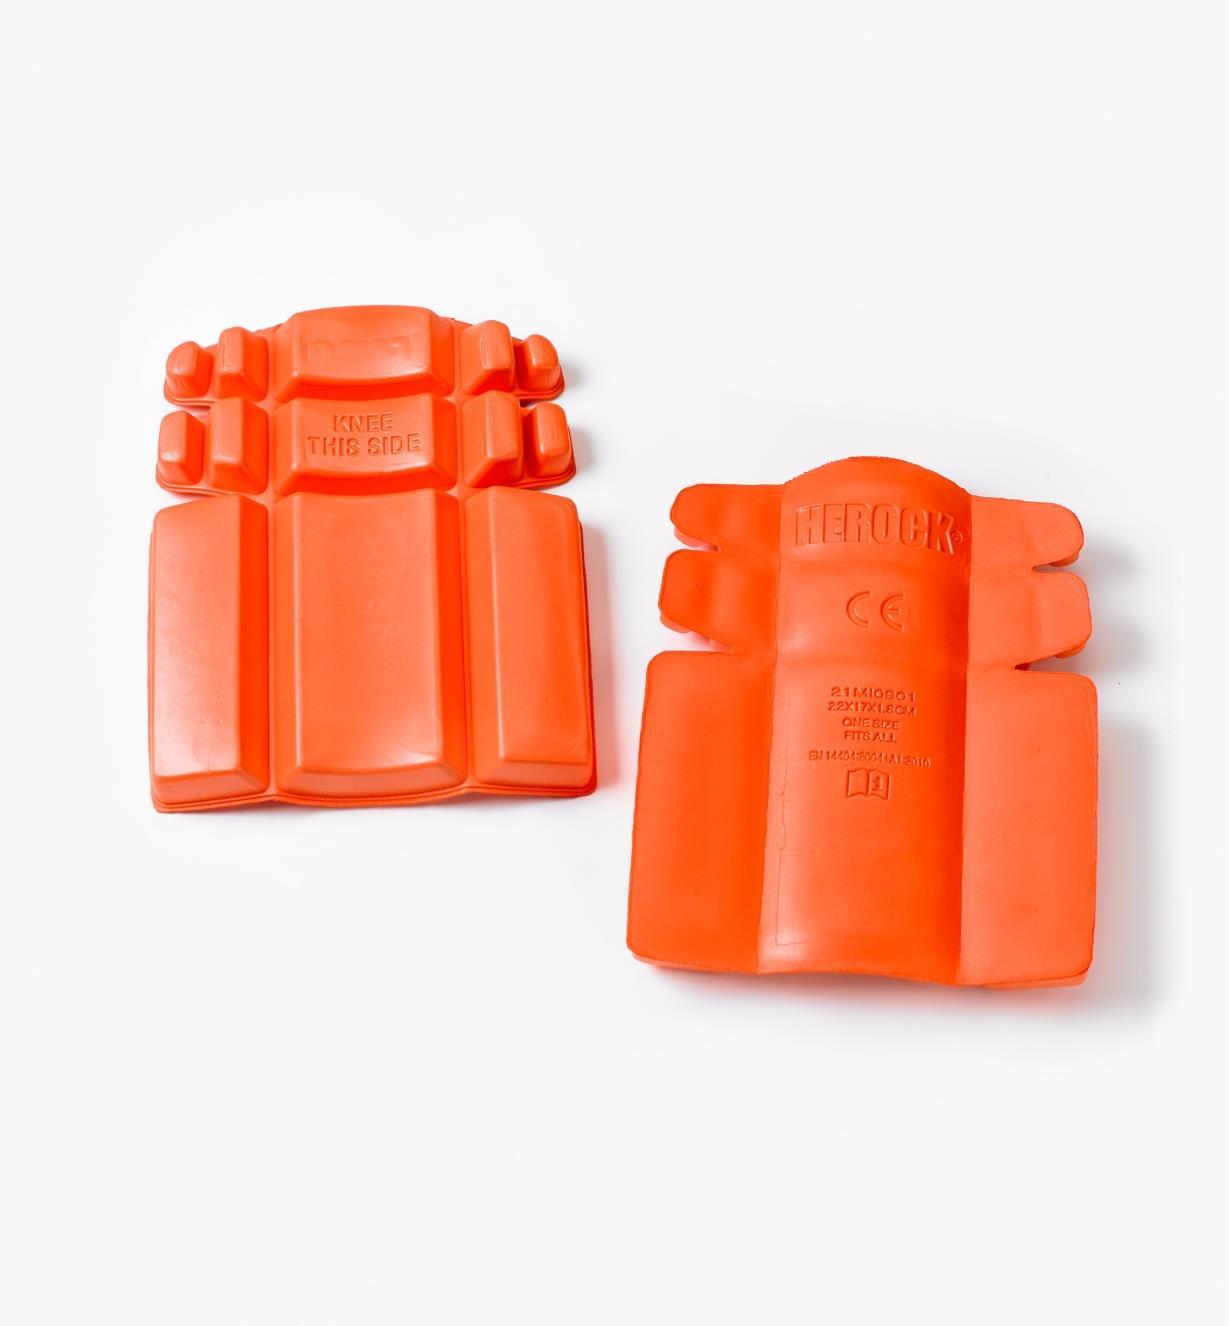 68K4980 - Herock Knee Pad Inserts, pair